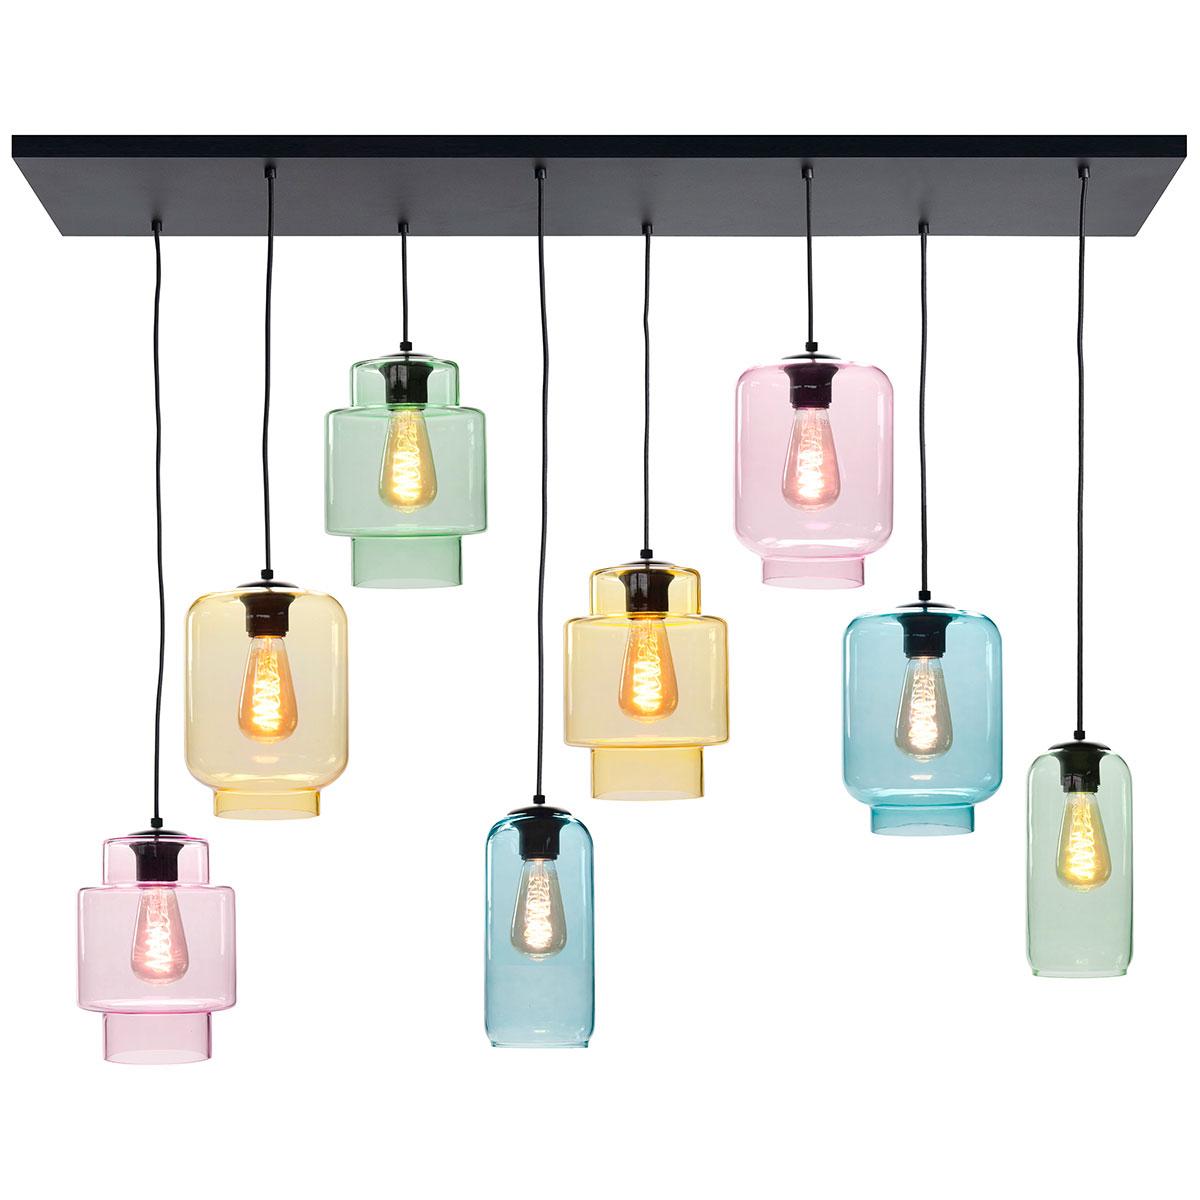 Hanglamp Fantasy Multicolor 8-lichts inclusief gekleurd glas - LED - plafondplaat is mat zwart - dimbaar - van HIGH LIGHT -  Prachtige gladde multicolor glas kappen -  Drie verschillende modellen waarvan het Belle model - de slanke lange - 22 cm lang is -  Fitting E27 - lichtbronnen exclusief -  Deze prachtige hanglamp is dimbaar met een externe dimmer -  De plafondplaat is 130 x 35 cm -  Het snoer maximaal 130 cm -